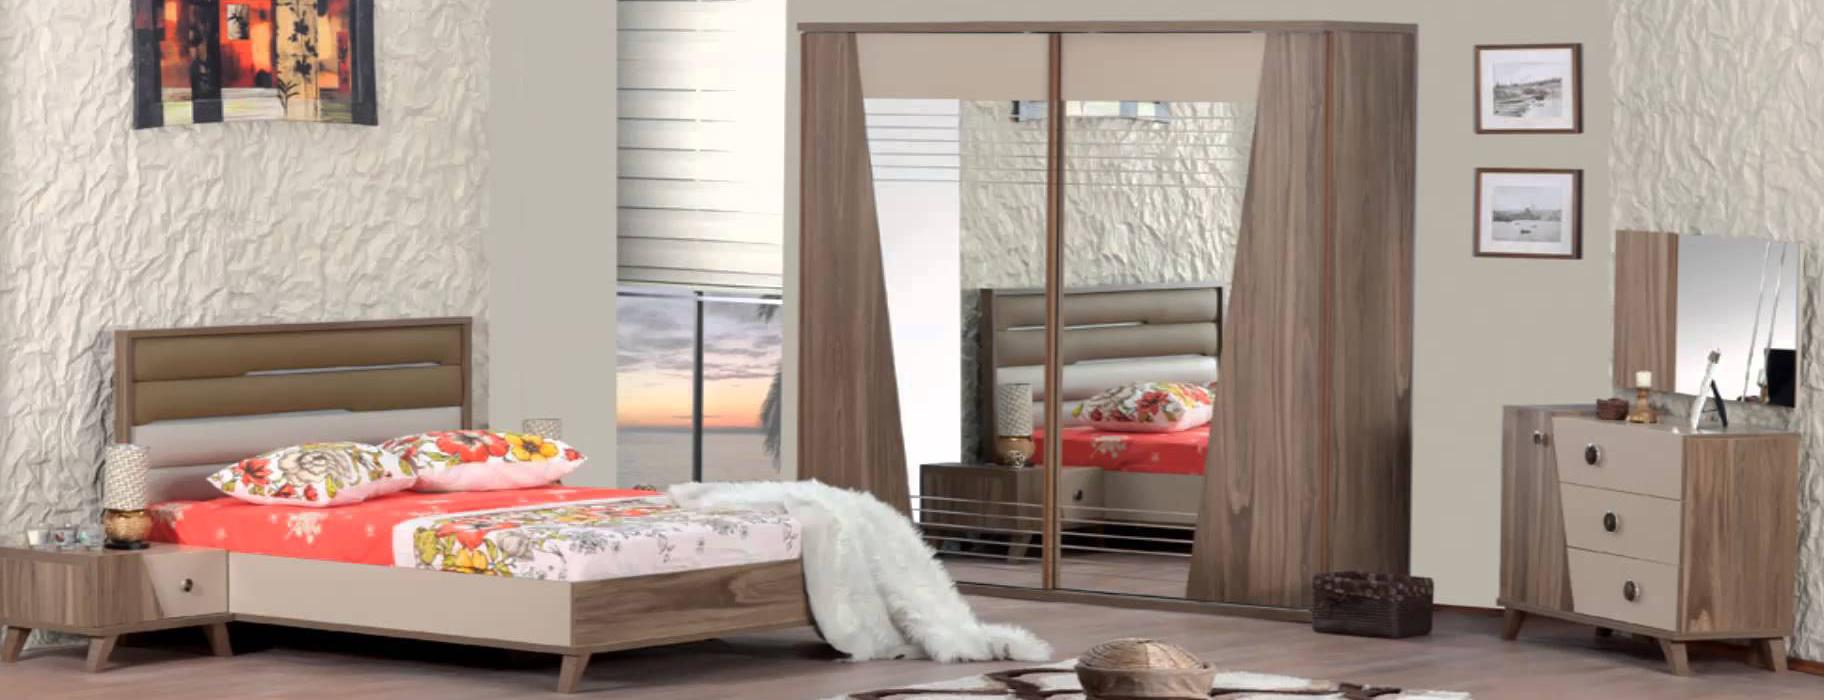 Yatak Odasına Yaz Havası Getirme